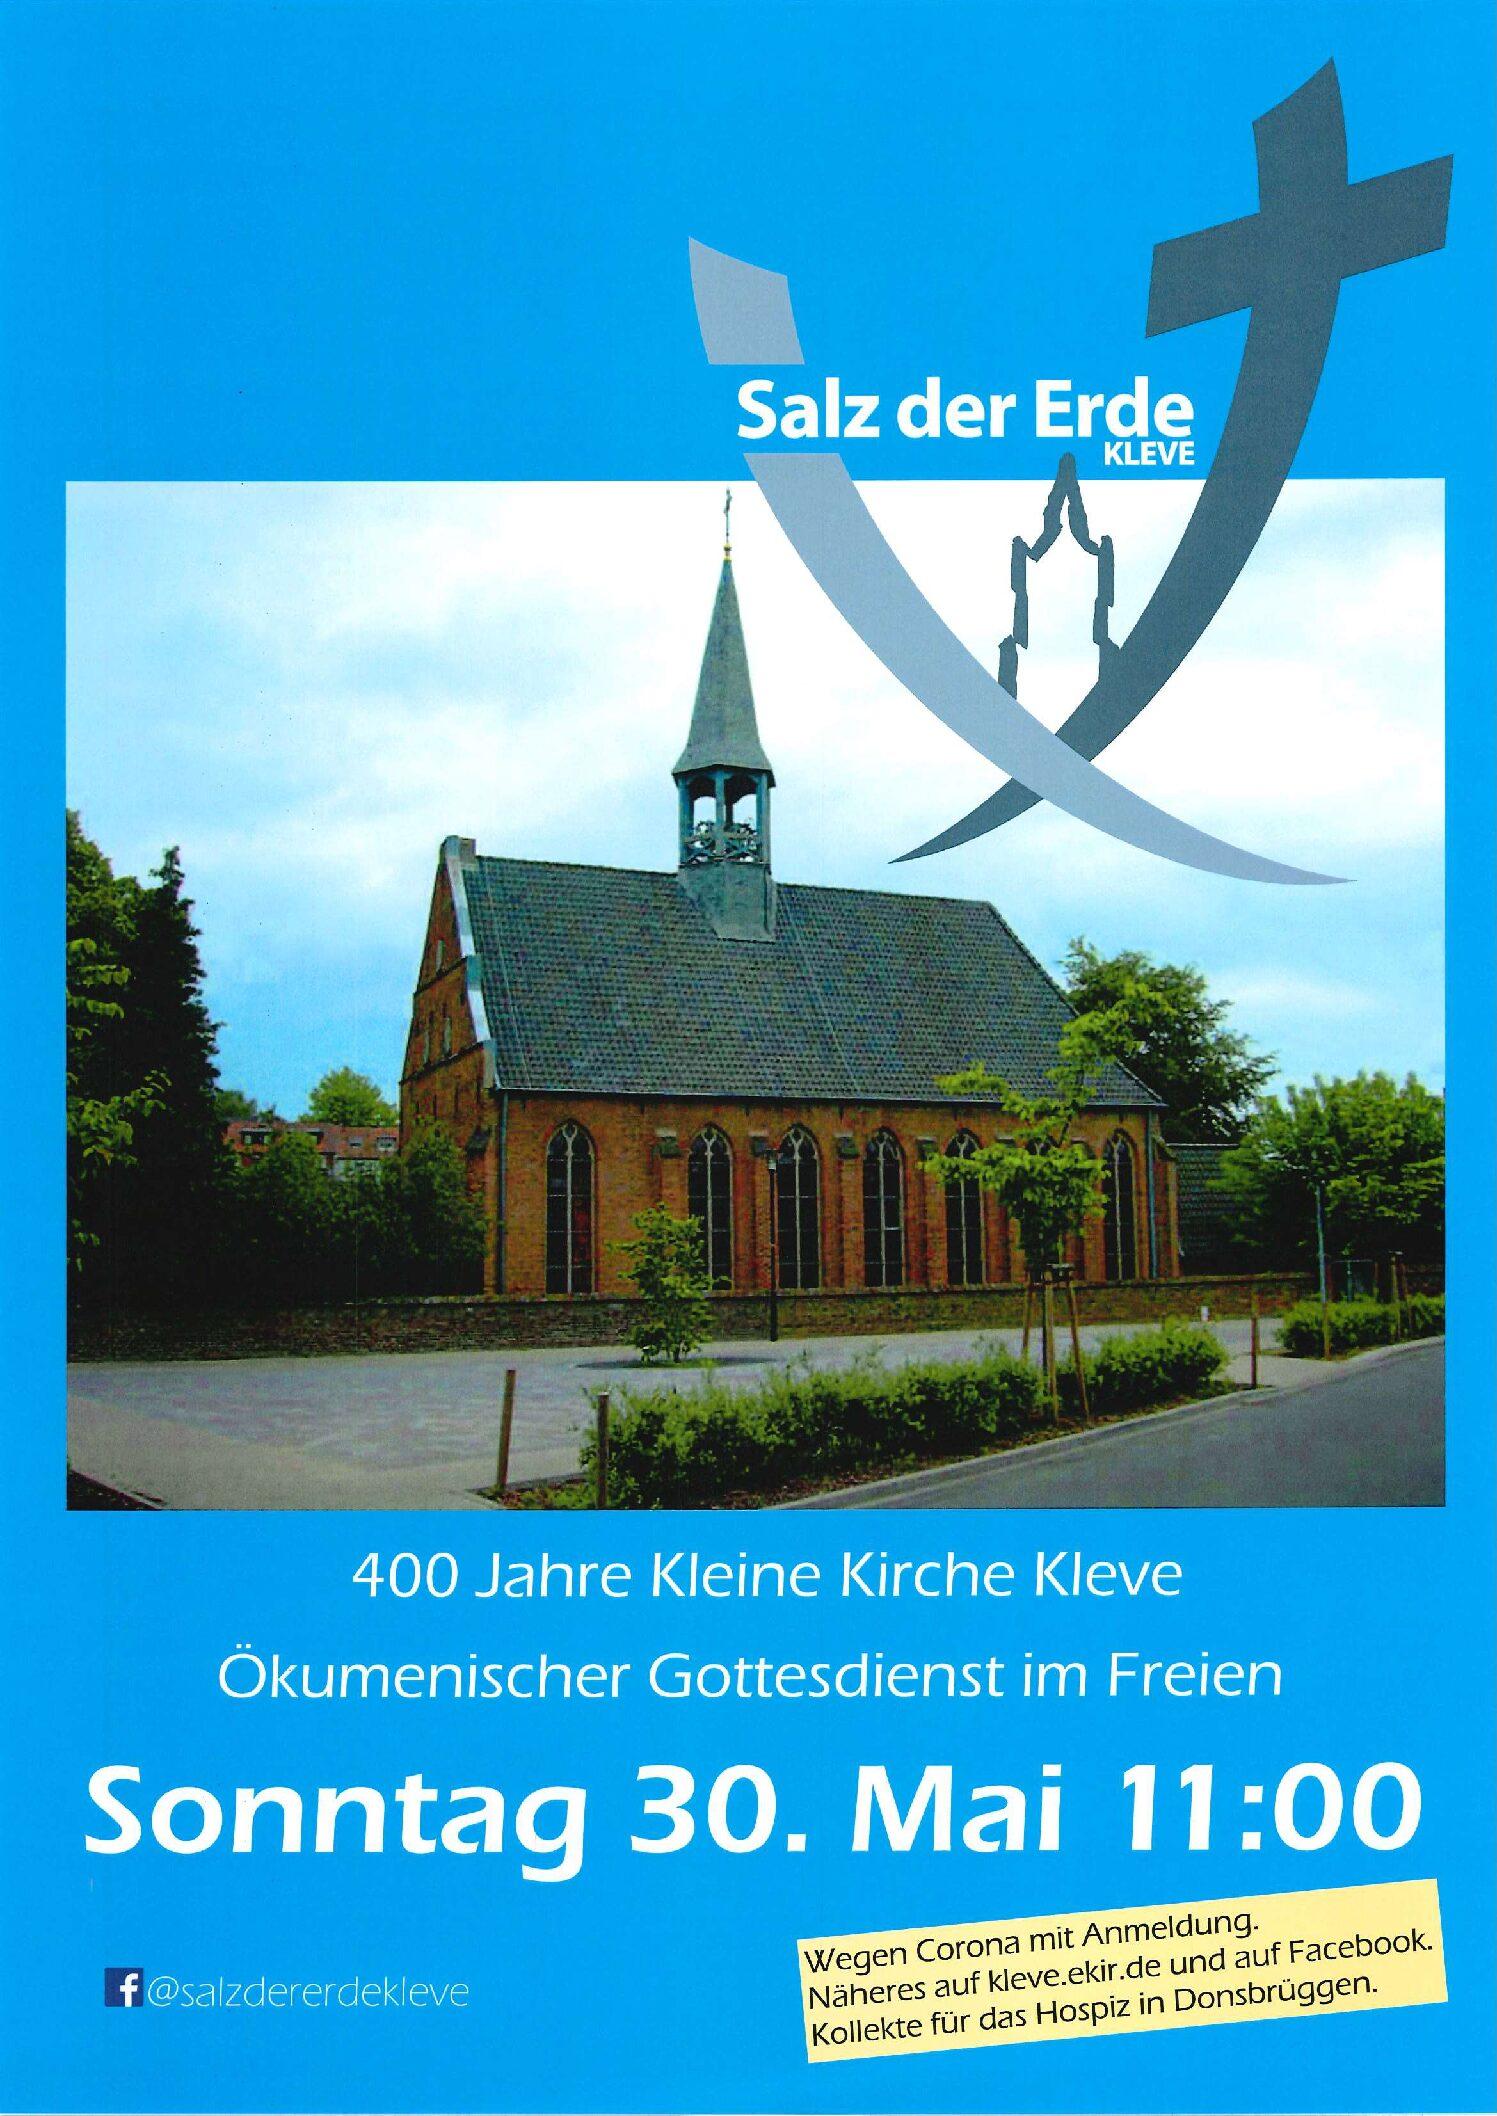 Die evangelische Gemeinde Kleve lädt ein